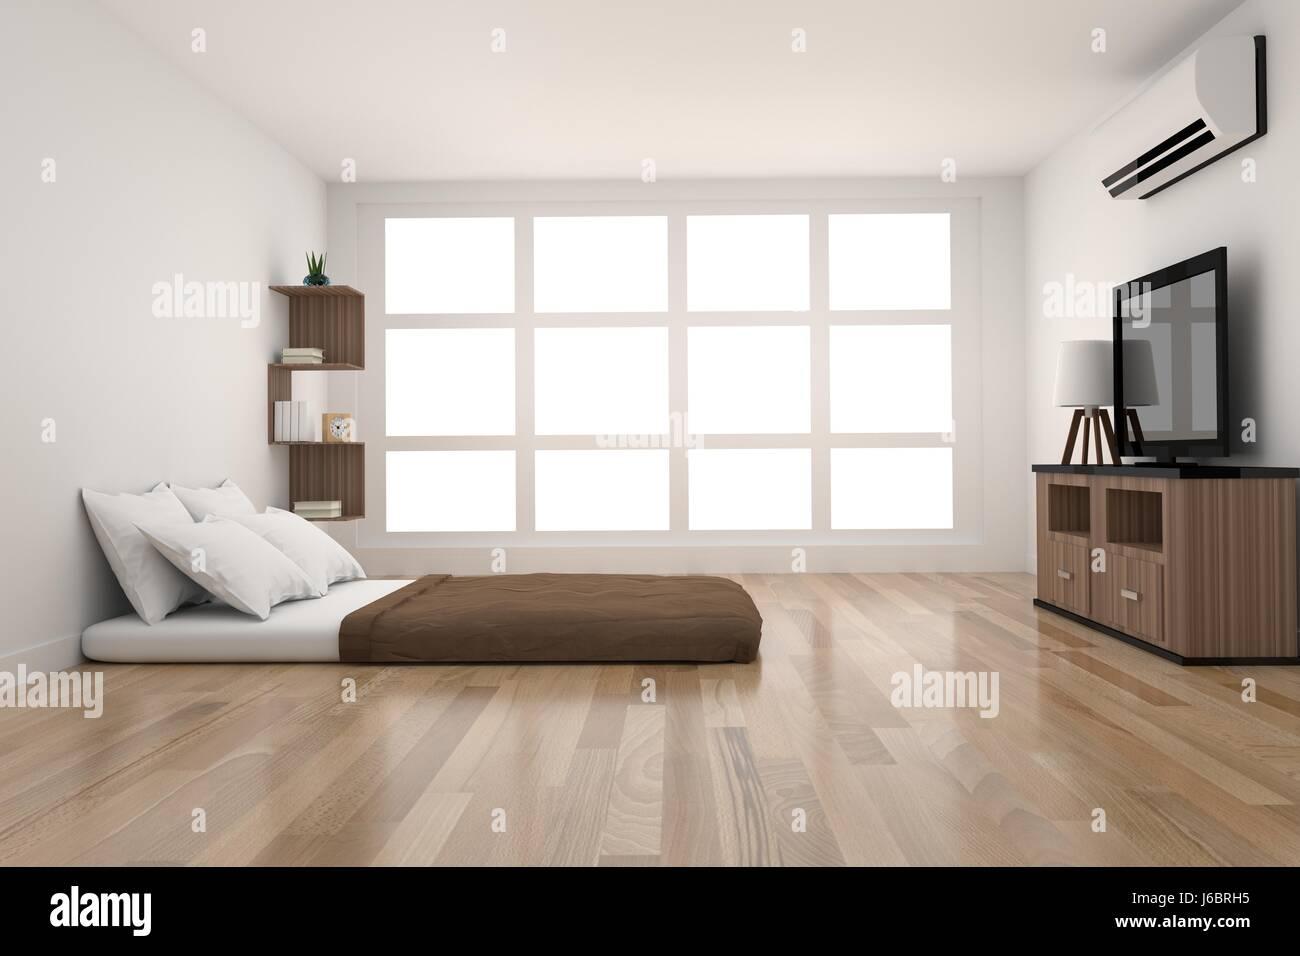 Camera da letto moderno decor in legno parquet progettare ...